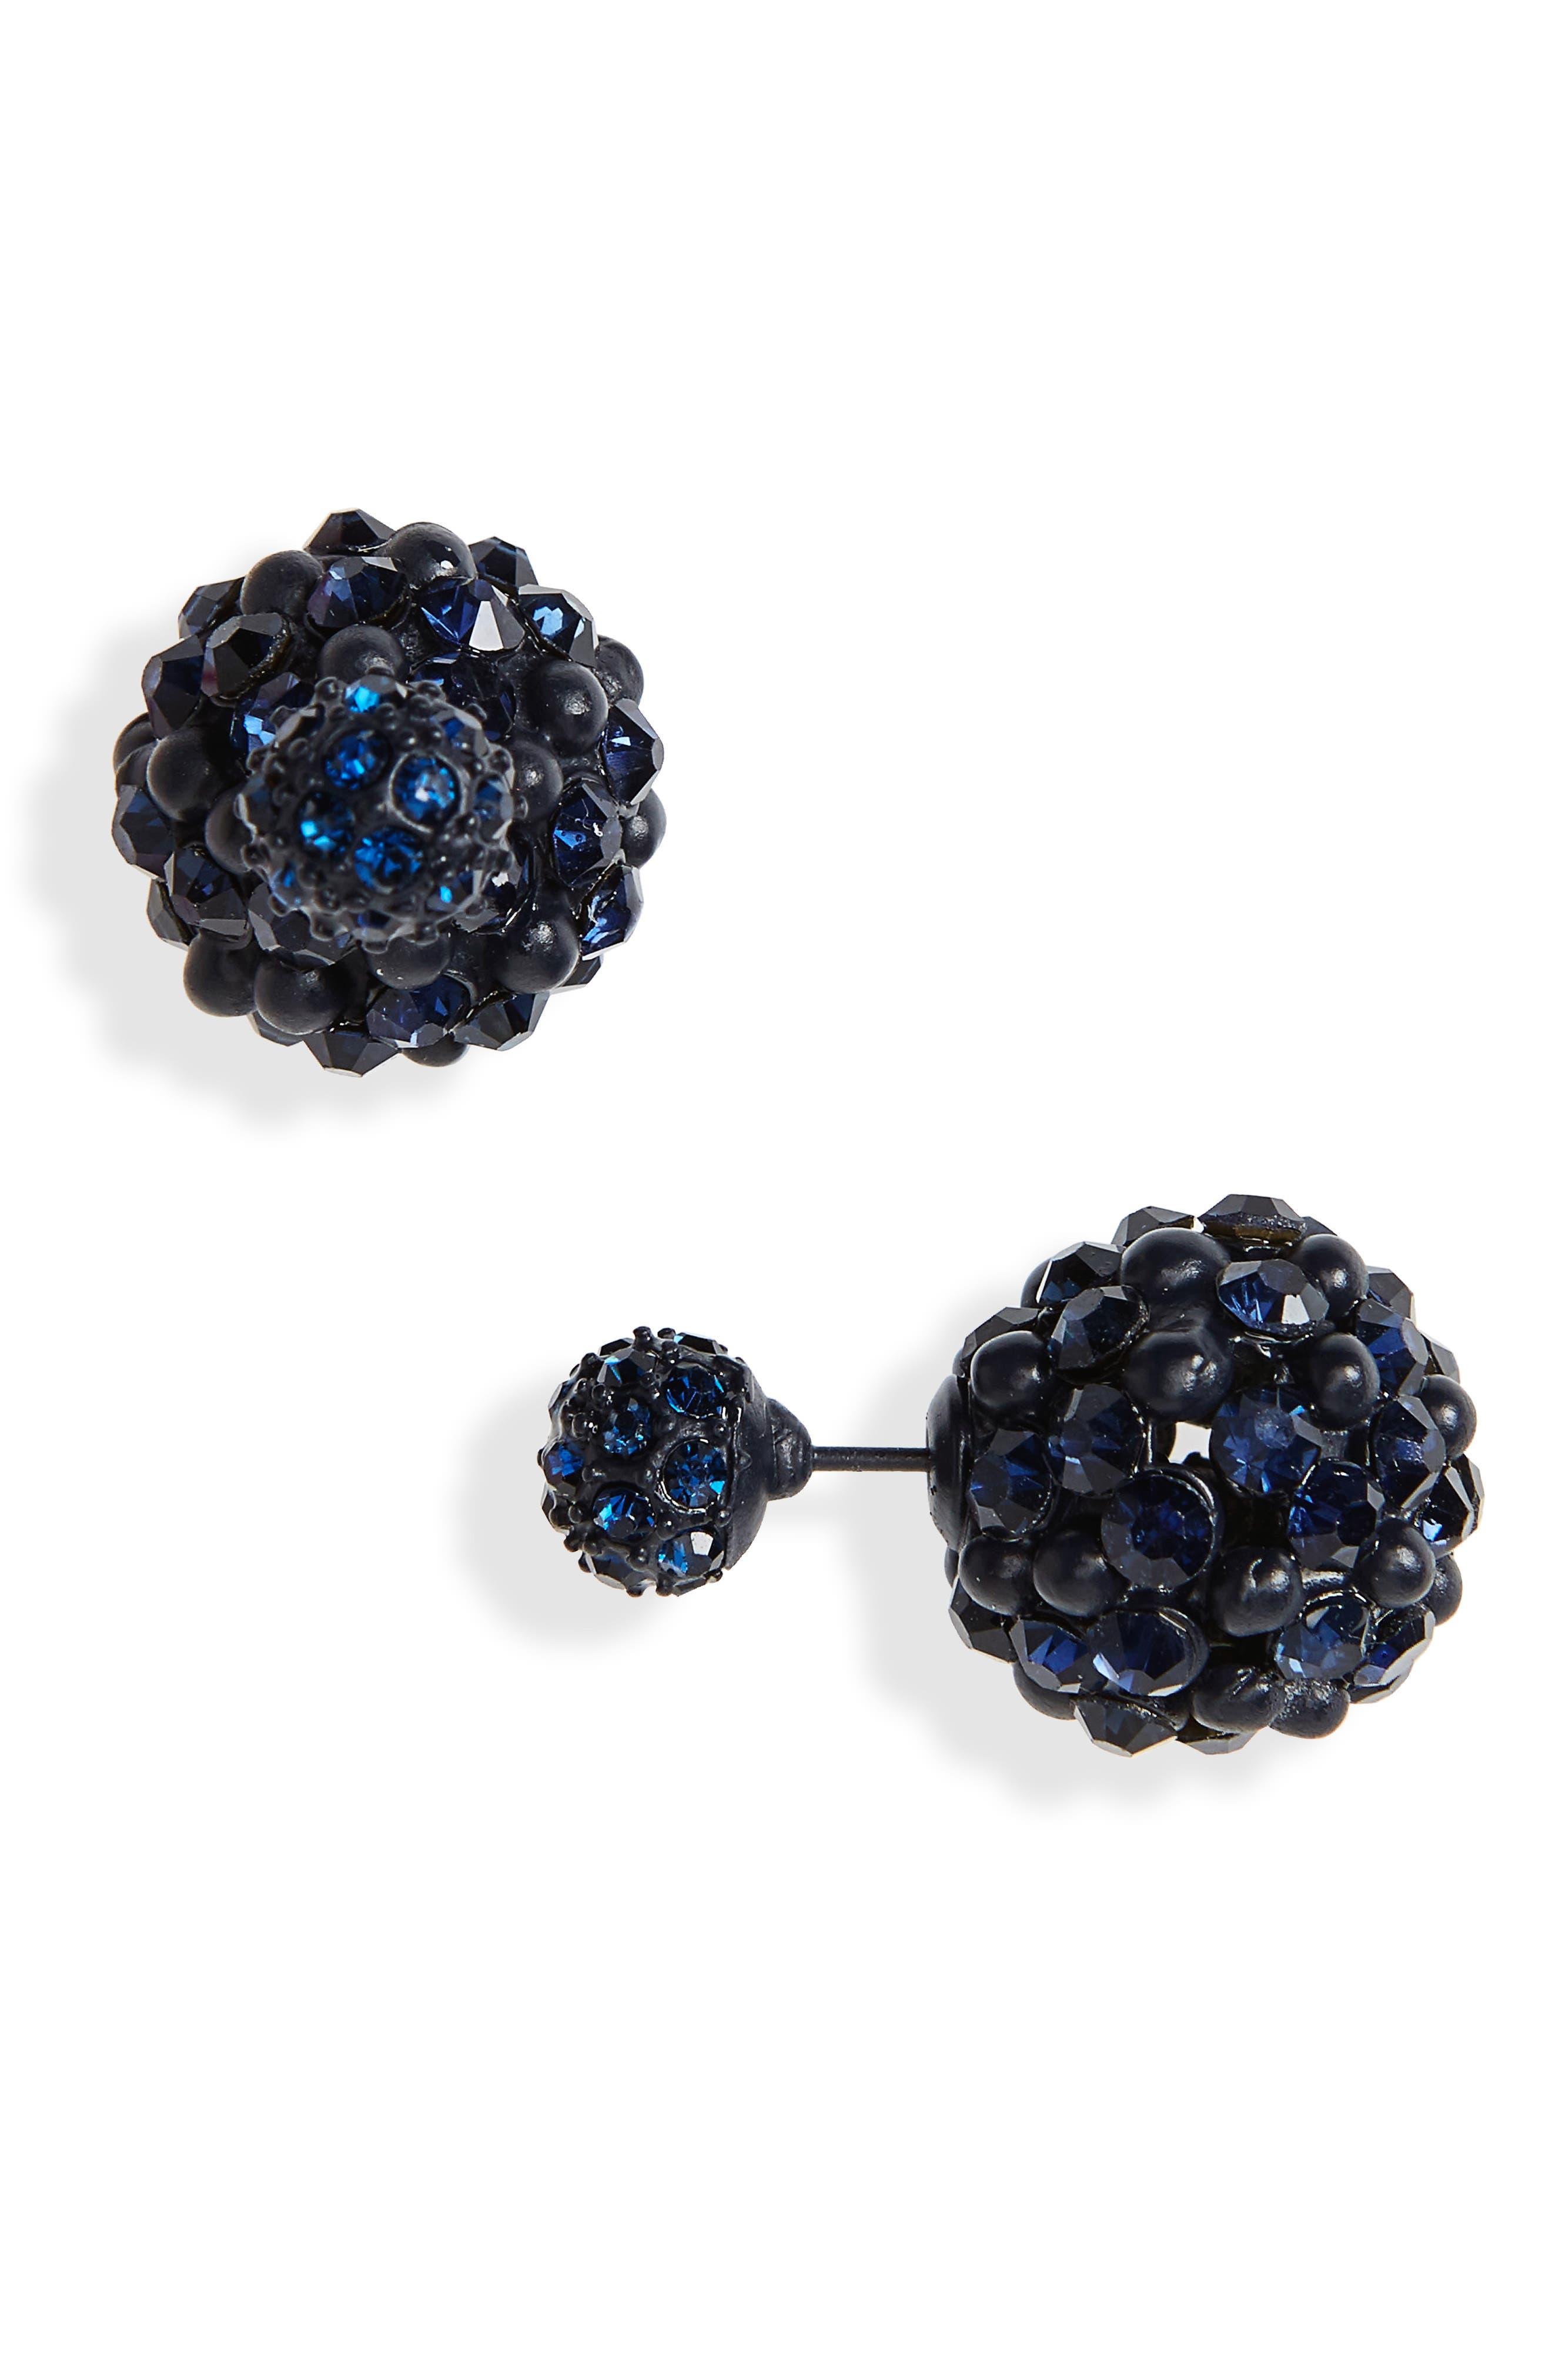 Crystal Ball Ear Jackets,                             Main thumbnail 1, color,                             Navy/ Black